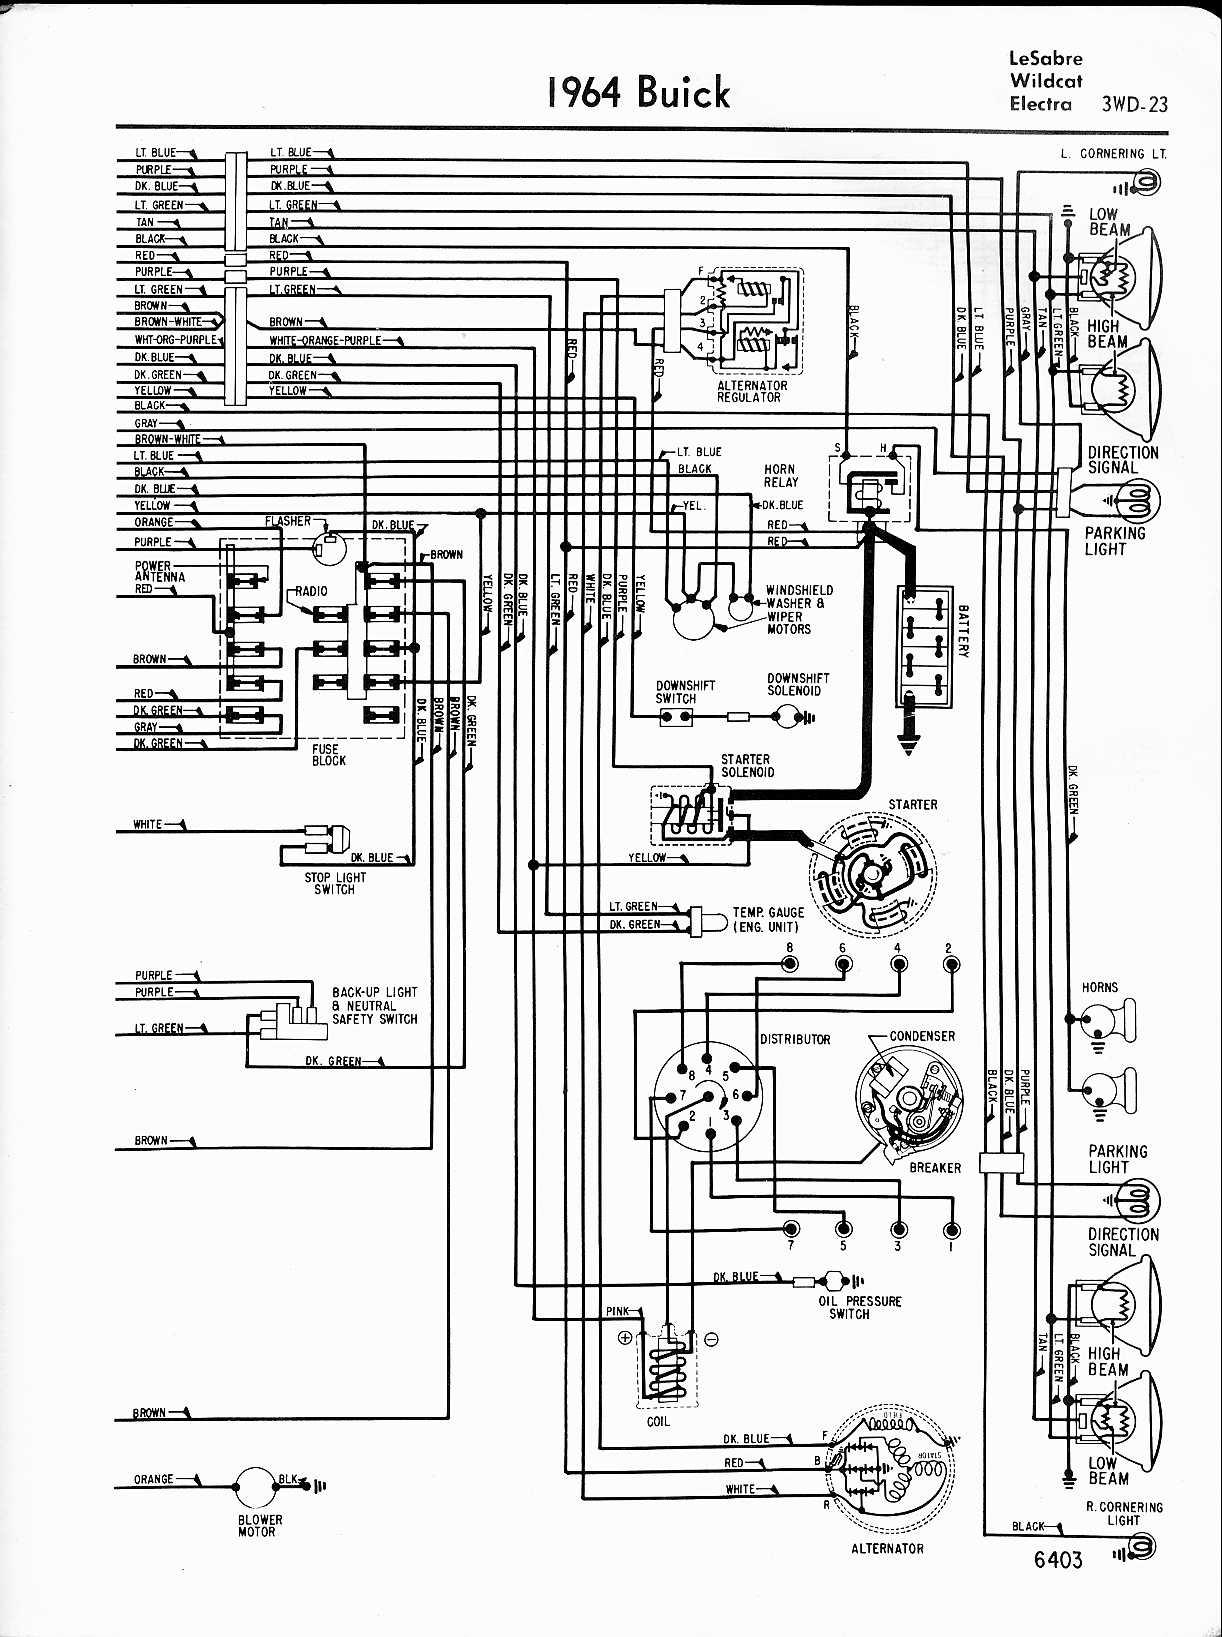 Arctic Cat Wildcat 700 Efi Wiring Diagram 2001 Buick Century Stereo Wiring Diagram Free Wiring Diagram